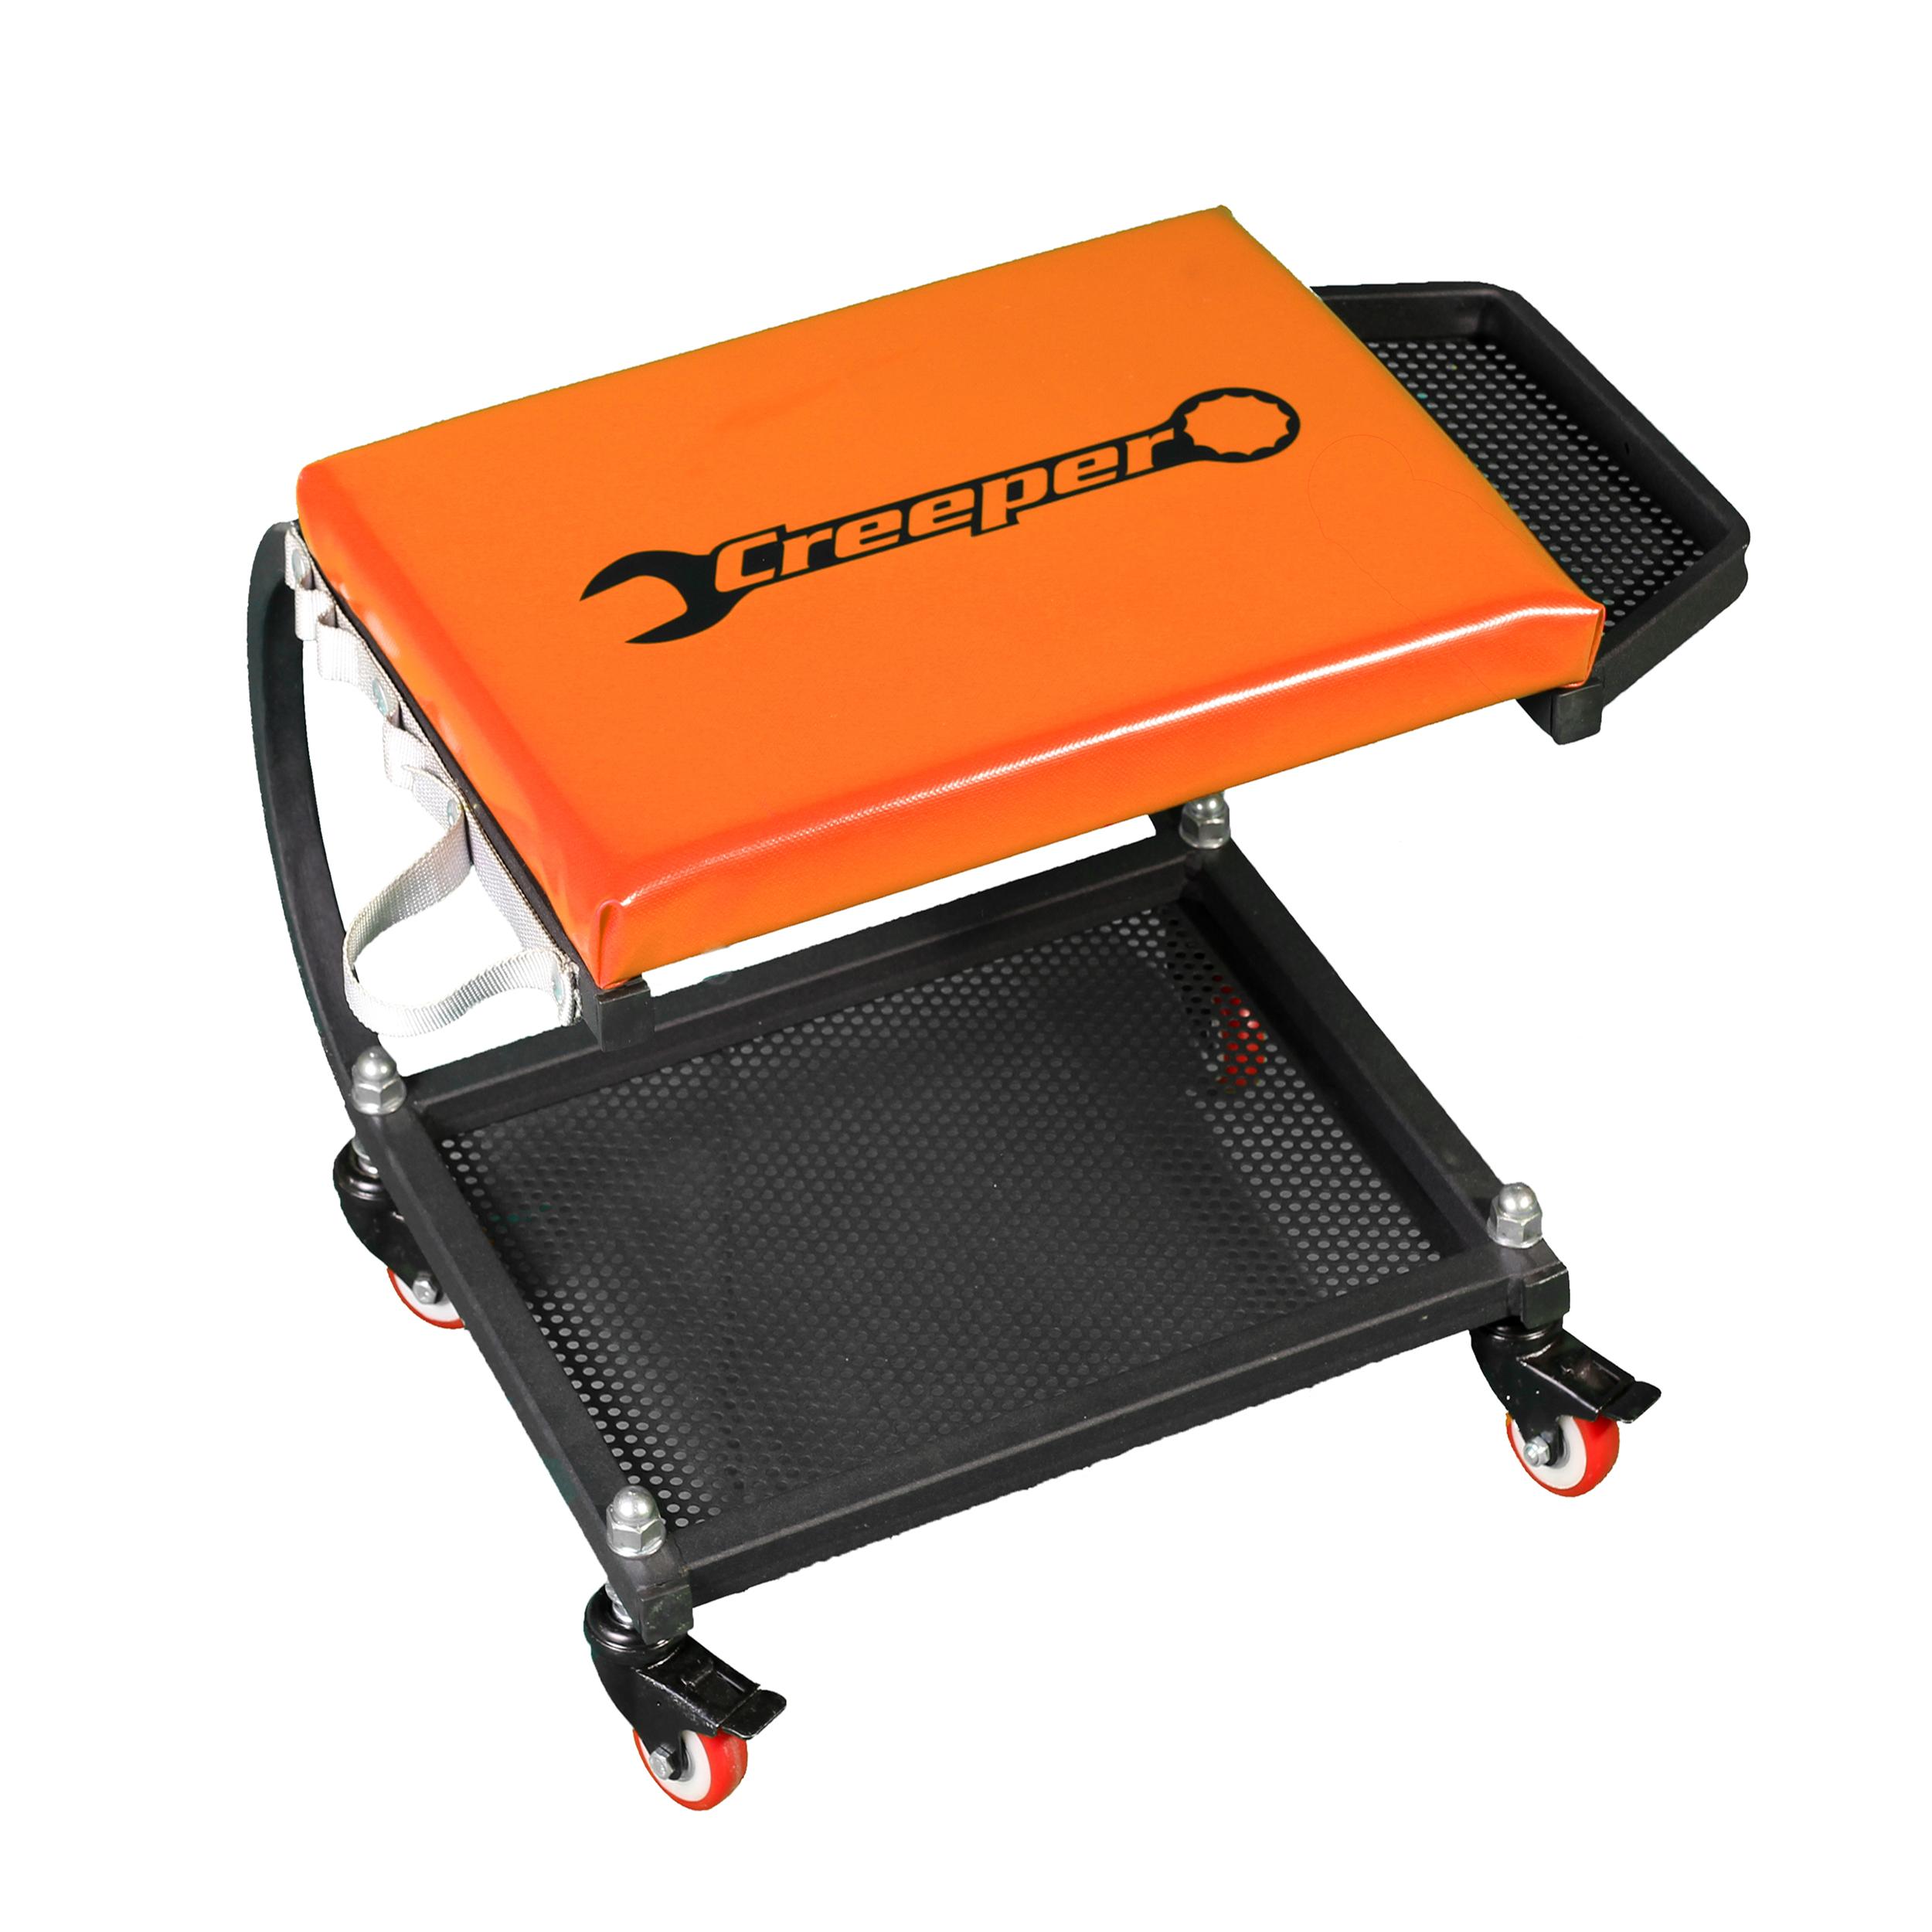 صندلی تعمیرگاهی کریپر مدل OrengeULBox